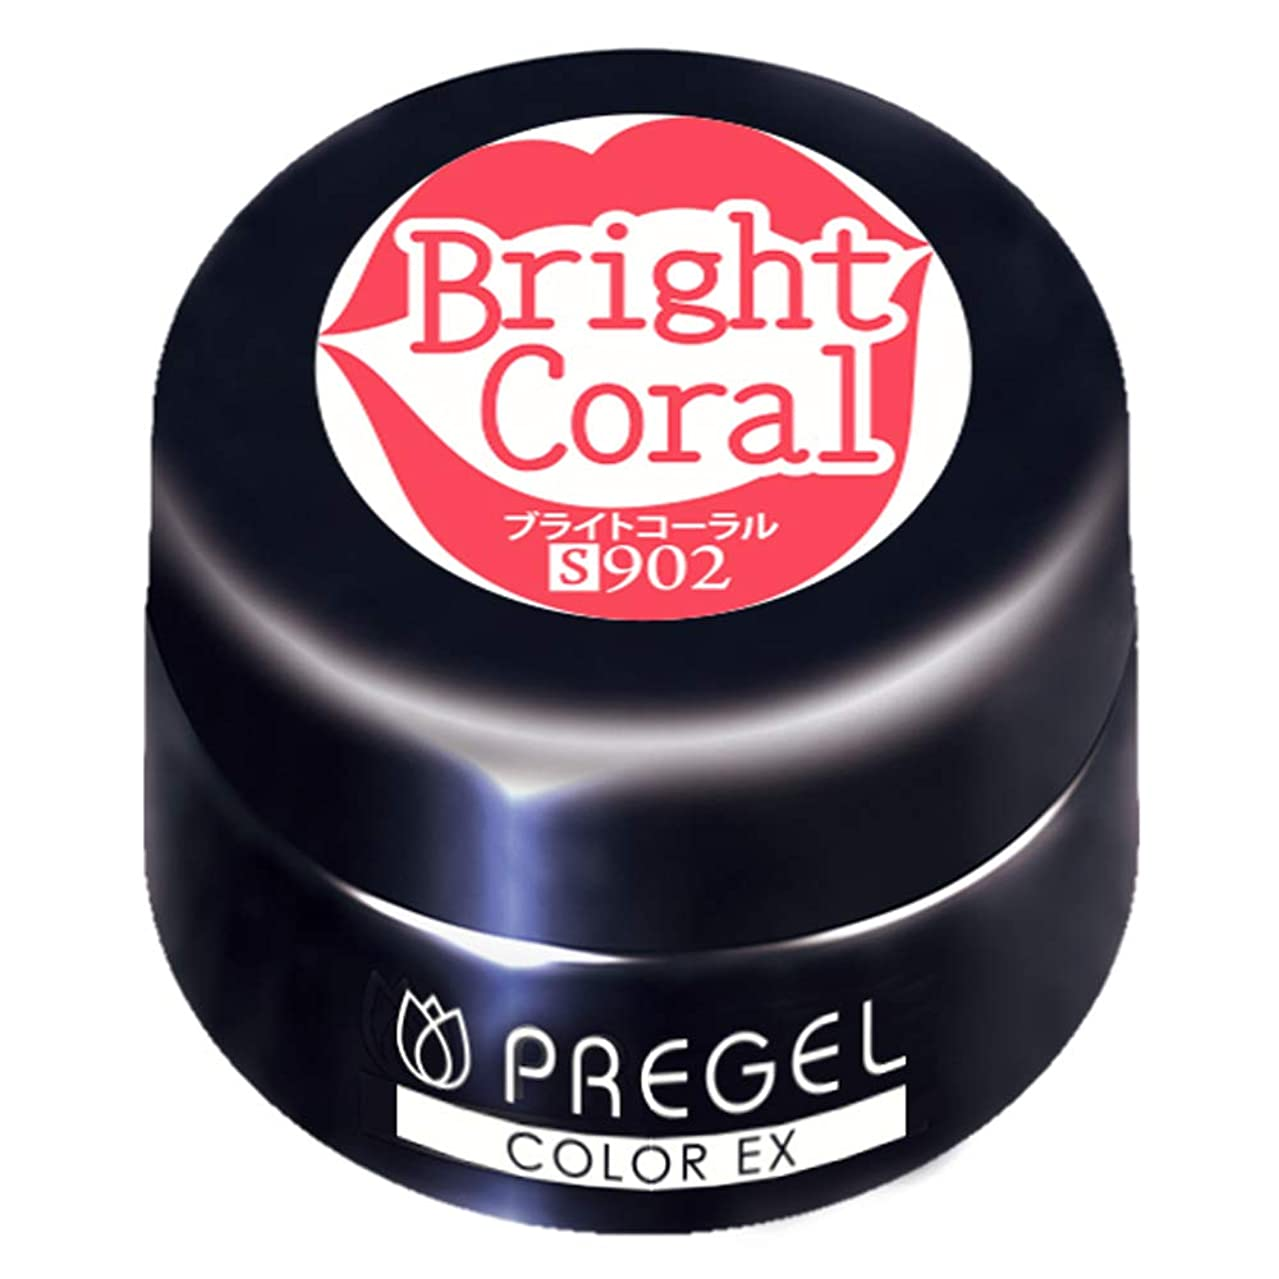 追う同一の額PRE GEL カラーEX ブライトコーラル 3g PG-CE902